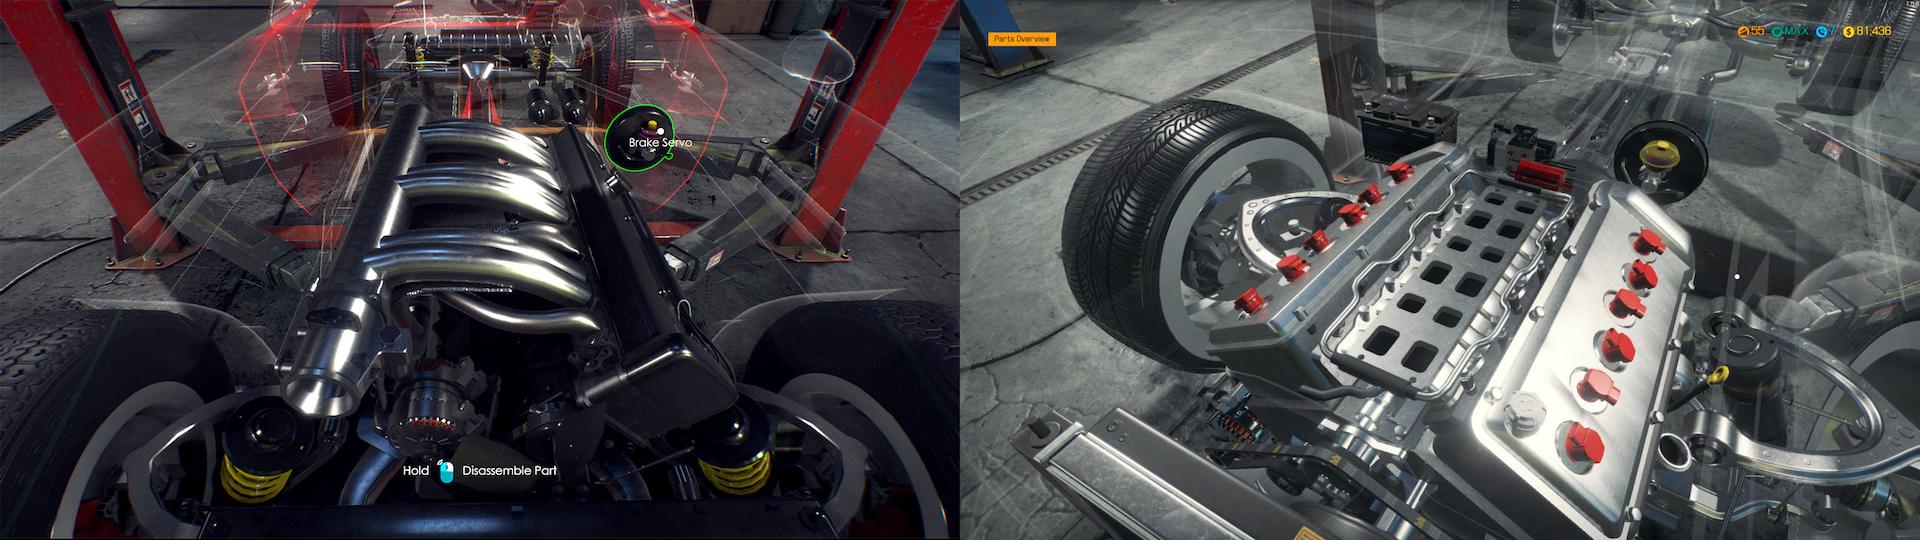 유로 트럭 시뮬레이터2/ 페이퍼, 플리즈/ 프리즌 아키텍트 외